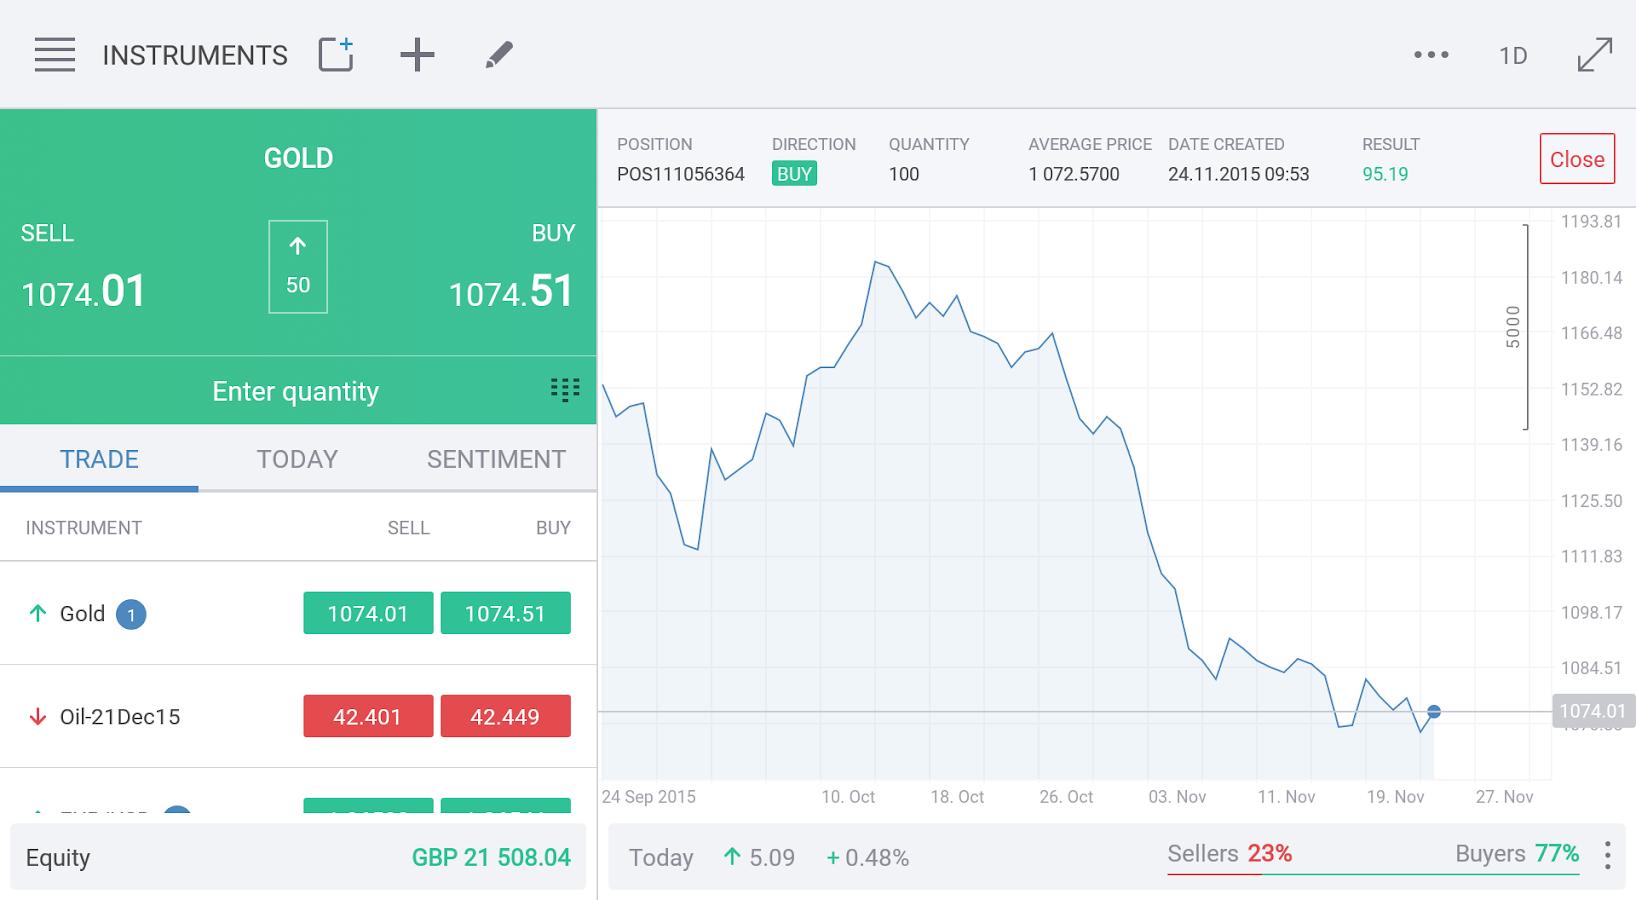 Sep 28, · Stratégie de trading automatique en temps reel et trading live sur compte reel pour découvrir comment il est possible de gagner en bourse. como invertir en forex - Ganar $ En 1 Hora.